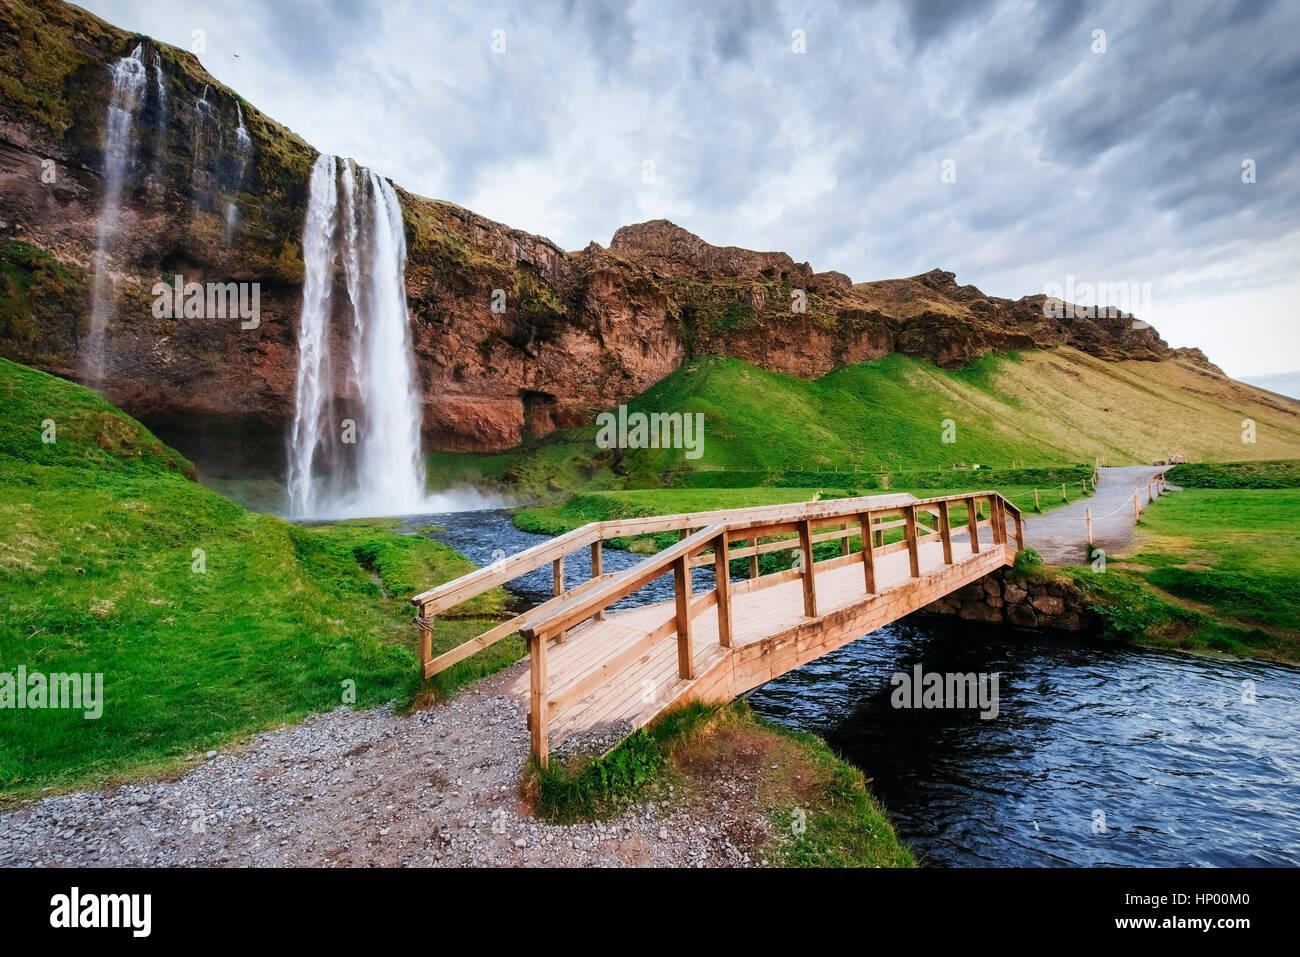 Cascada Seljalandfoss al atardecer. Puente sobre el río. Fantas Imagen De Stock